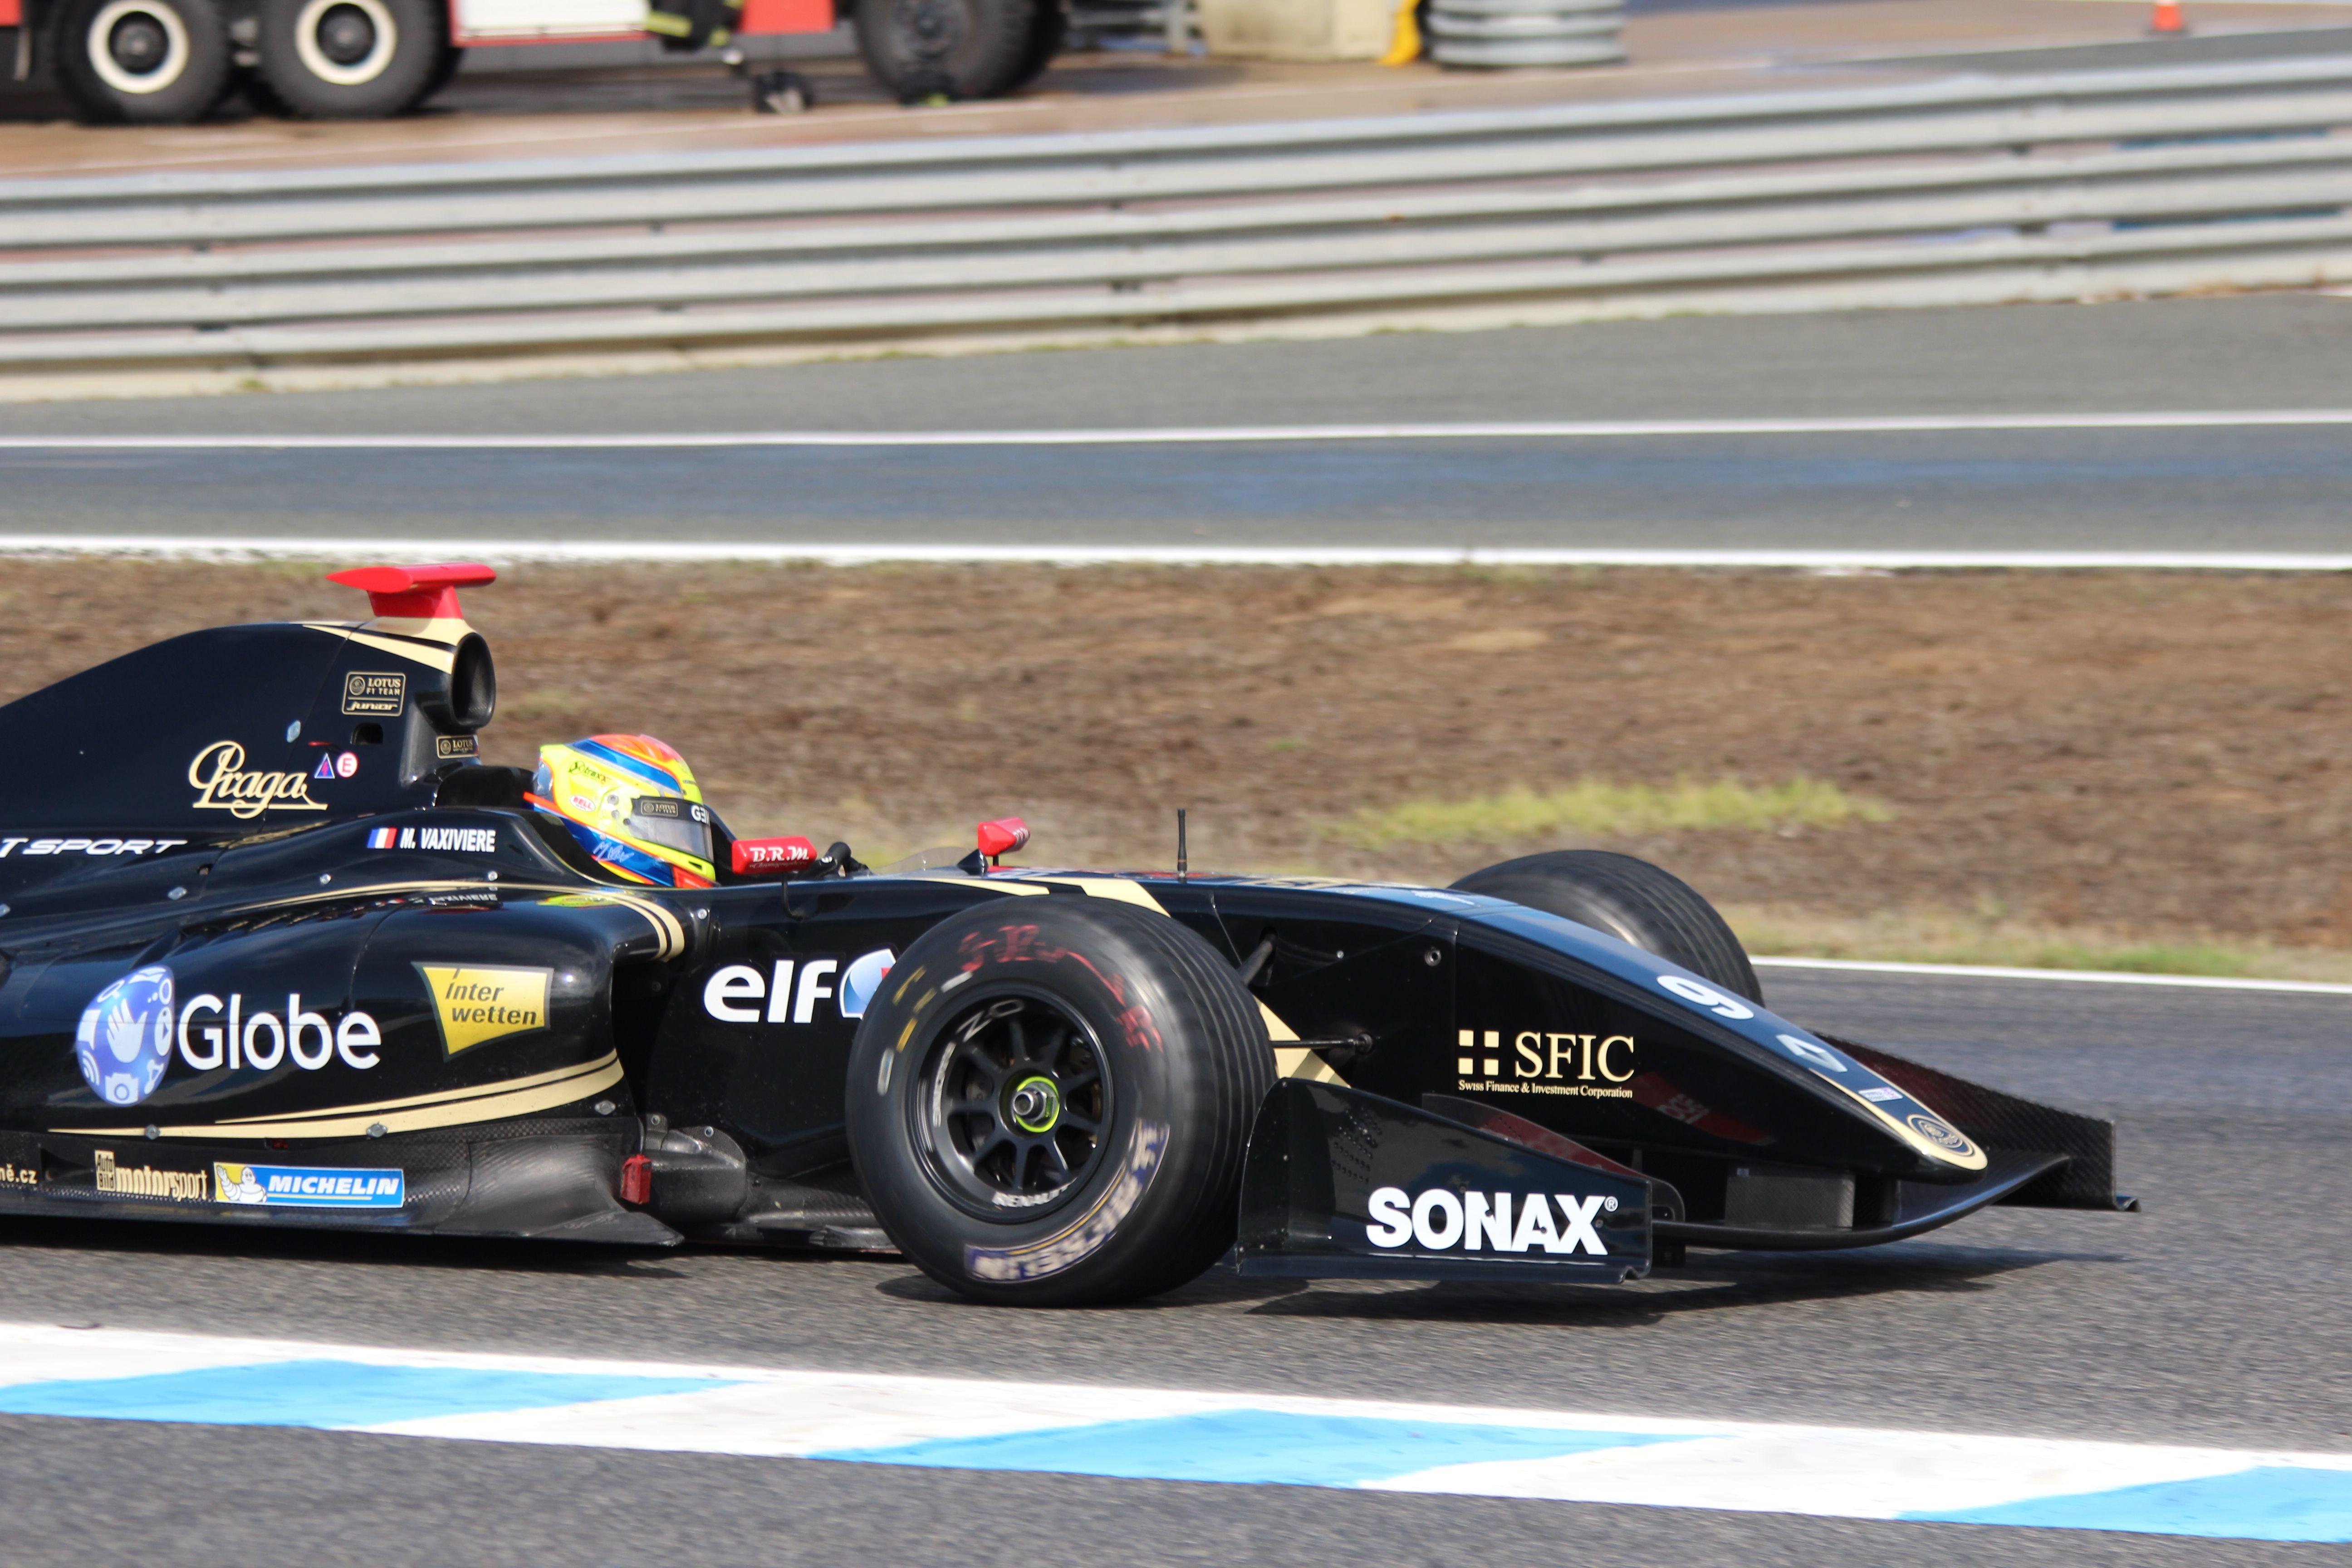 Binder & Nissany joins Lotus in Formula V8 3.5 - FormulaRapida.net